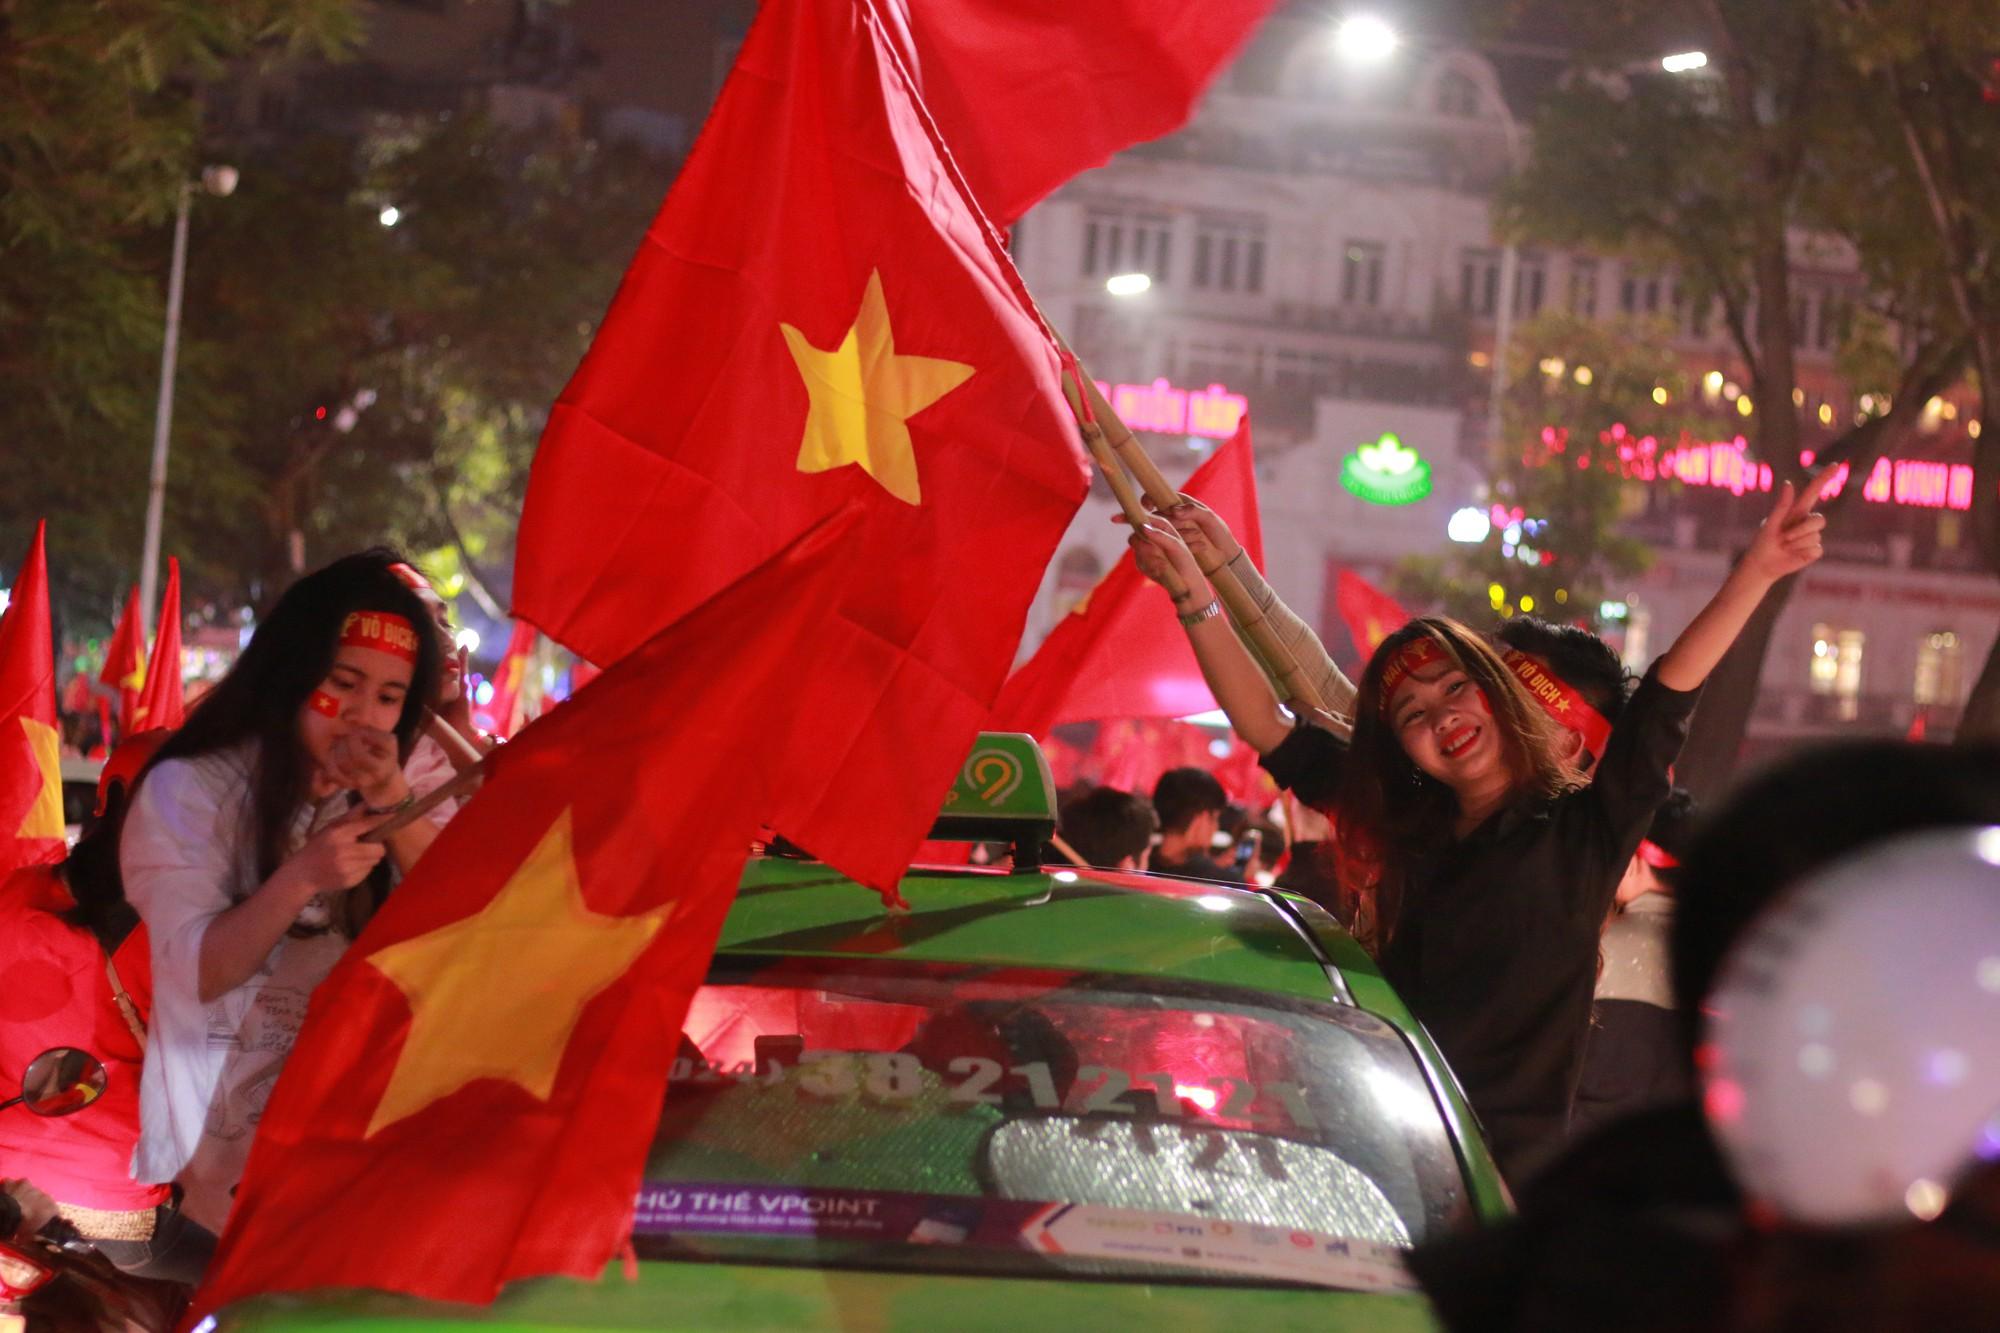 Những nhạc cụ gõ mừng U23 Việt Nam chiến thắng đặc dị khác thường nhất đêm qua - Ảnh 14.